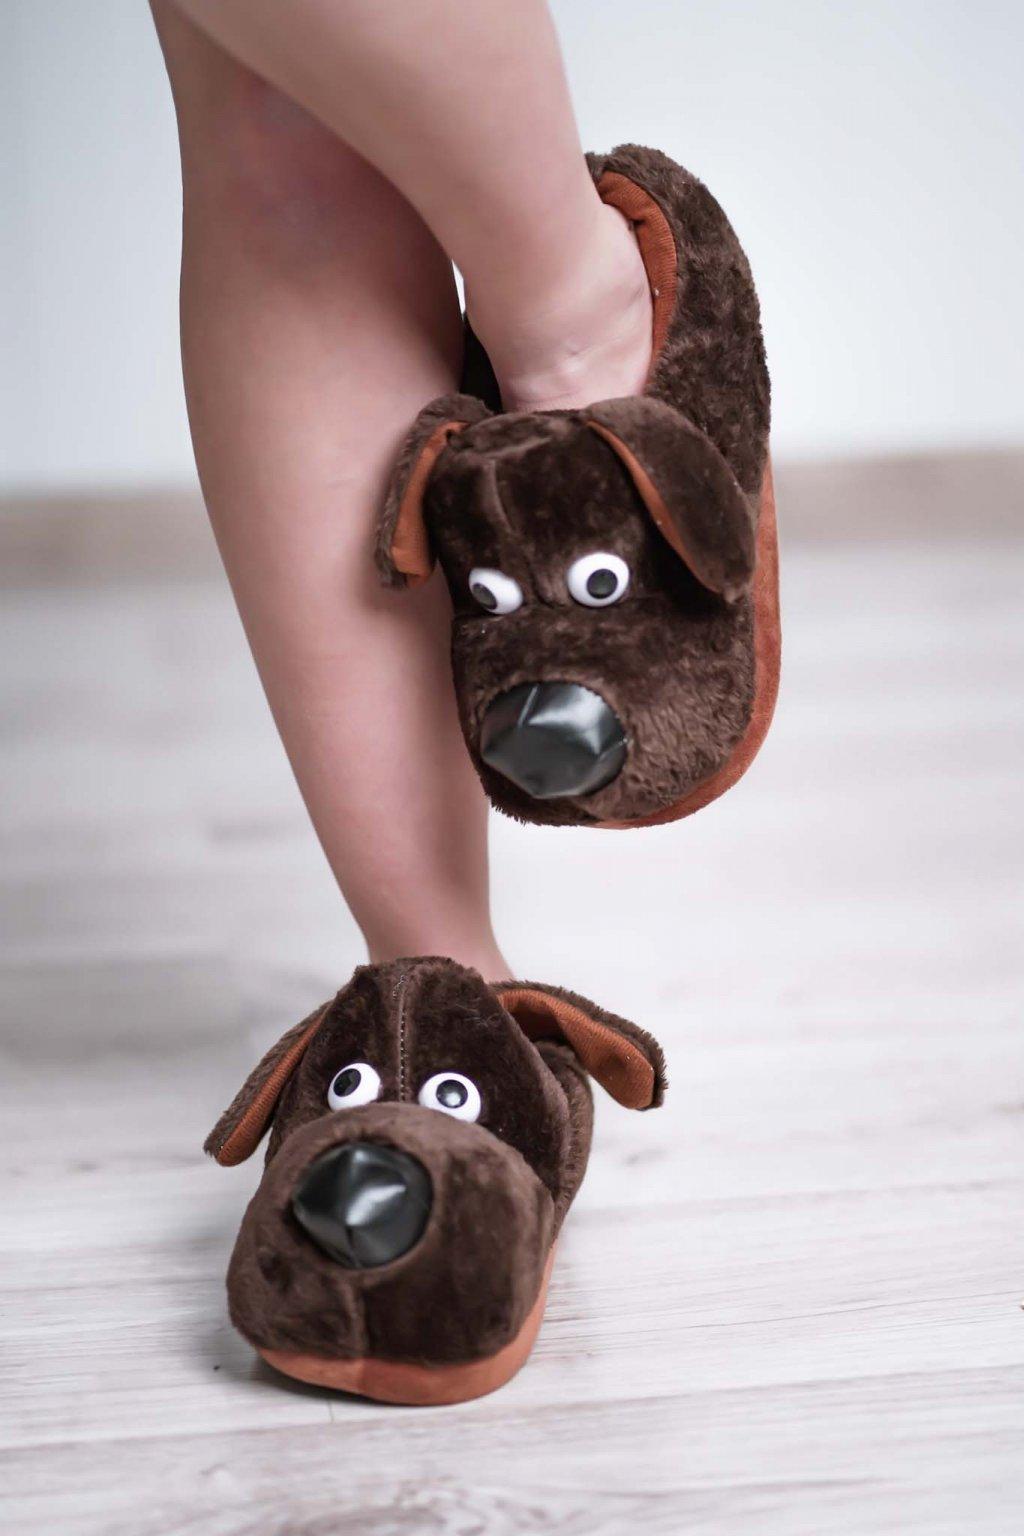 papuče, pohodlné papuče, papučky, dámske papučky, vysoké papučly, zvieracie papučky, 14